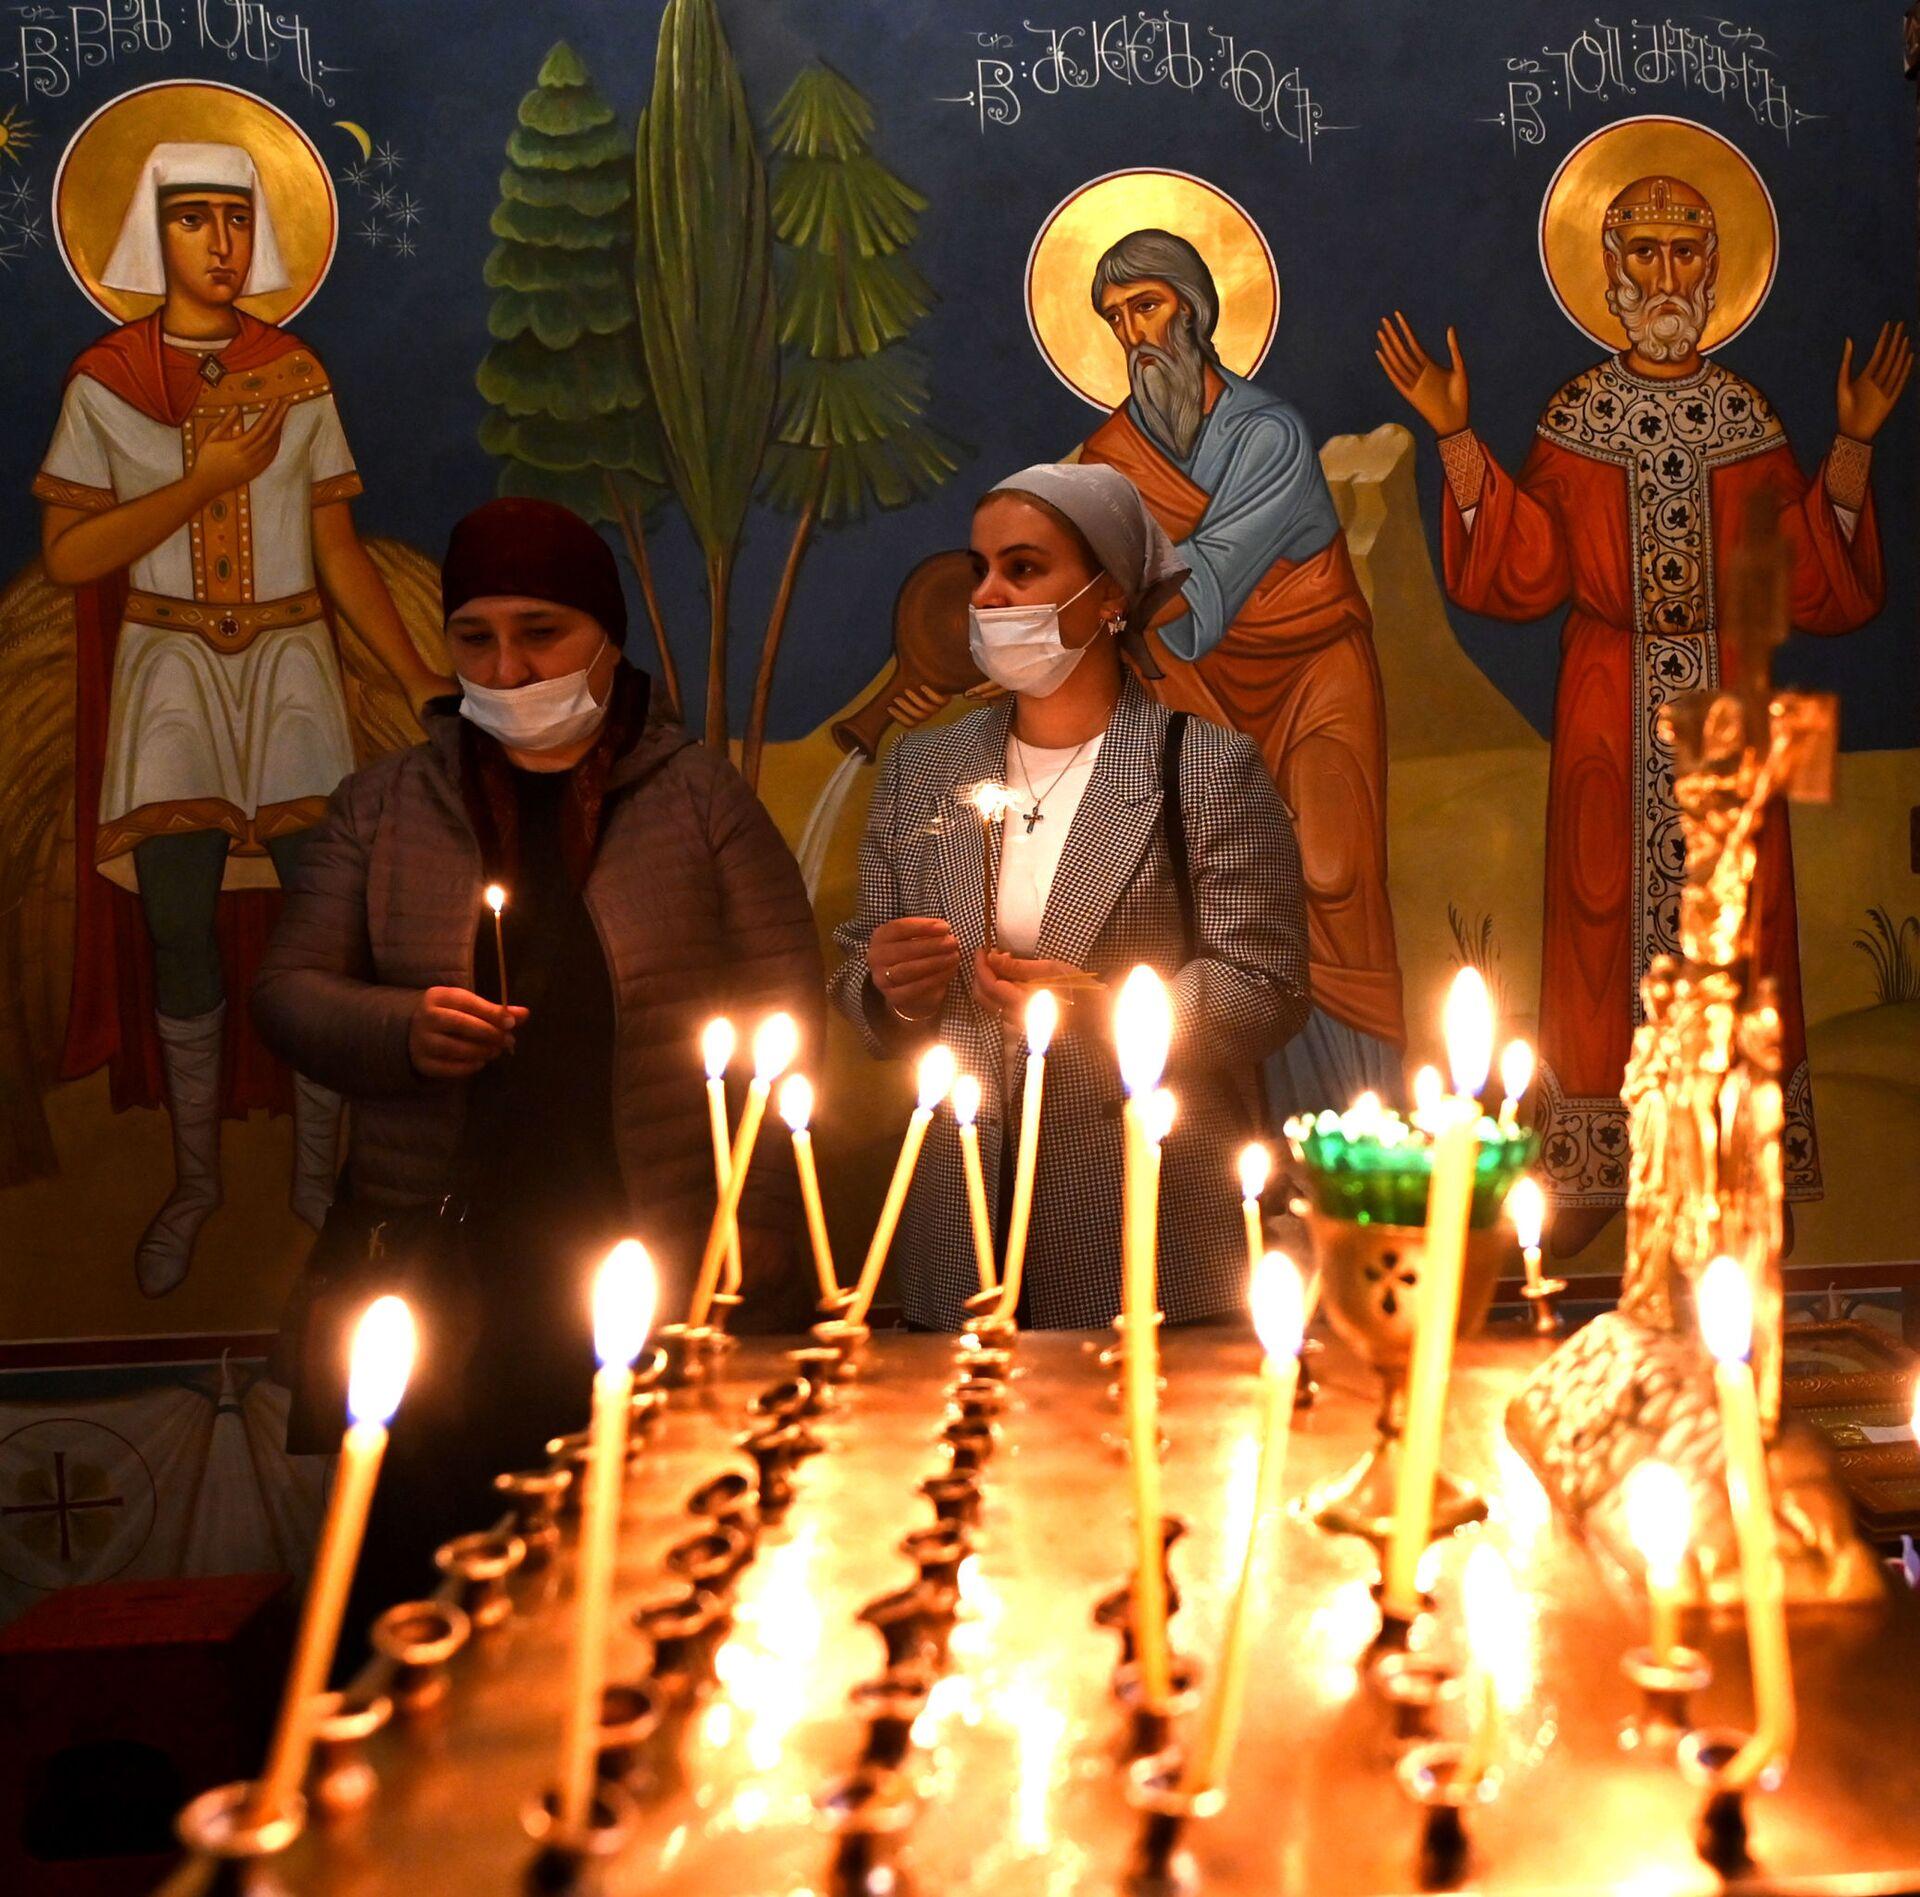 Православные верующие молятся в церкви на празднике Благовещения - Sputnik Грузия, 1920, 30.09.2021